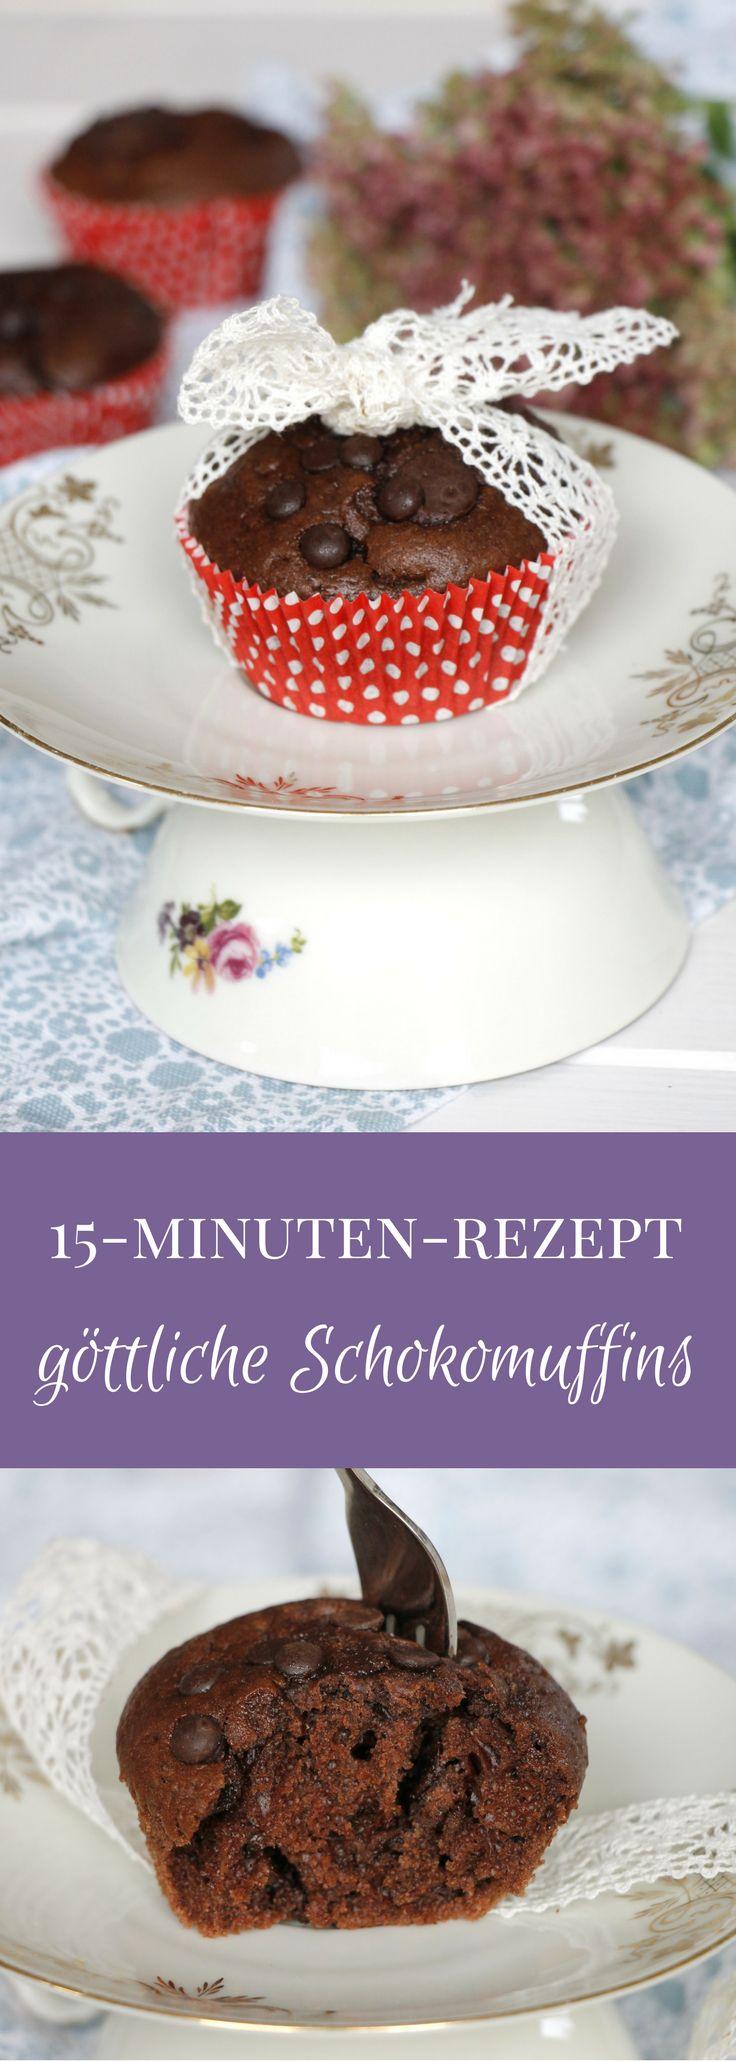 Schokomuffins Rezept: Schnell und extraschokoladig. Diese Schokoladenmuffins haben das Potenzial zum Lieblingsrezept. Die Zutatenliste der Muffins mit Schokolade ist überschaubar. Die Zubereitungszeit ist kurz.